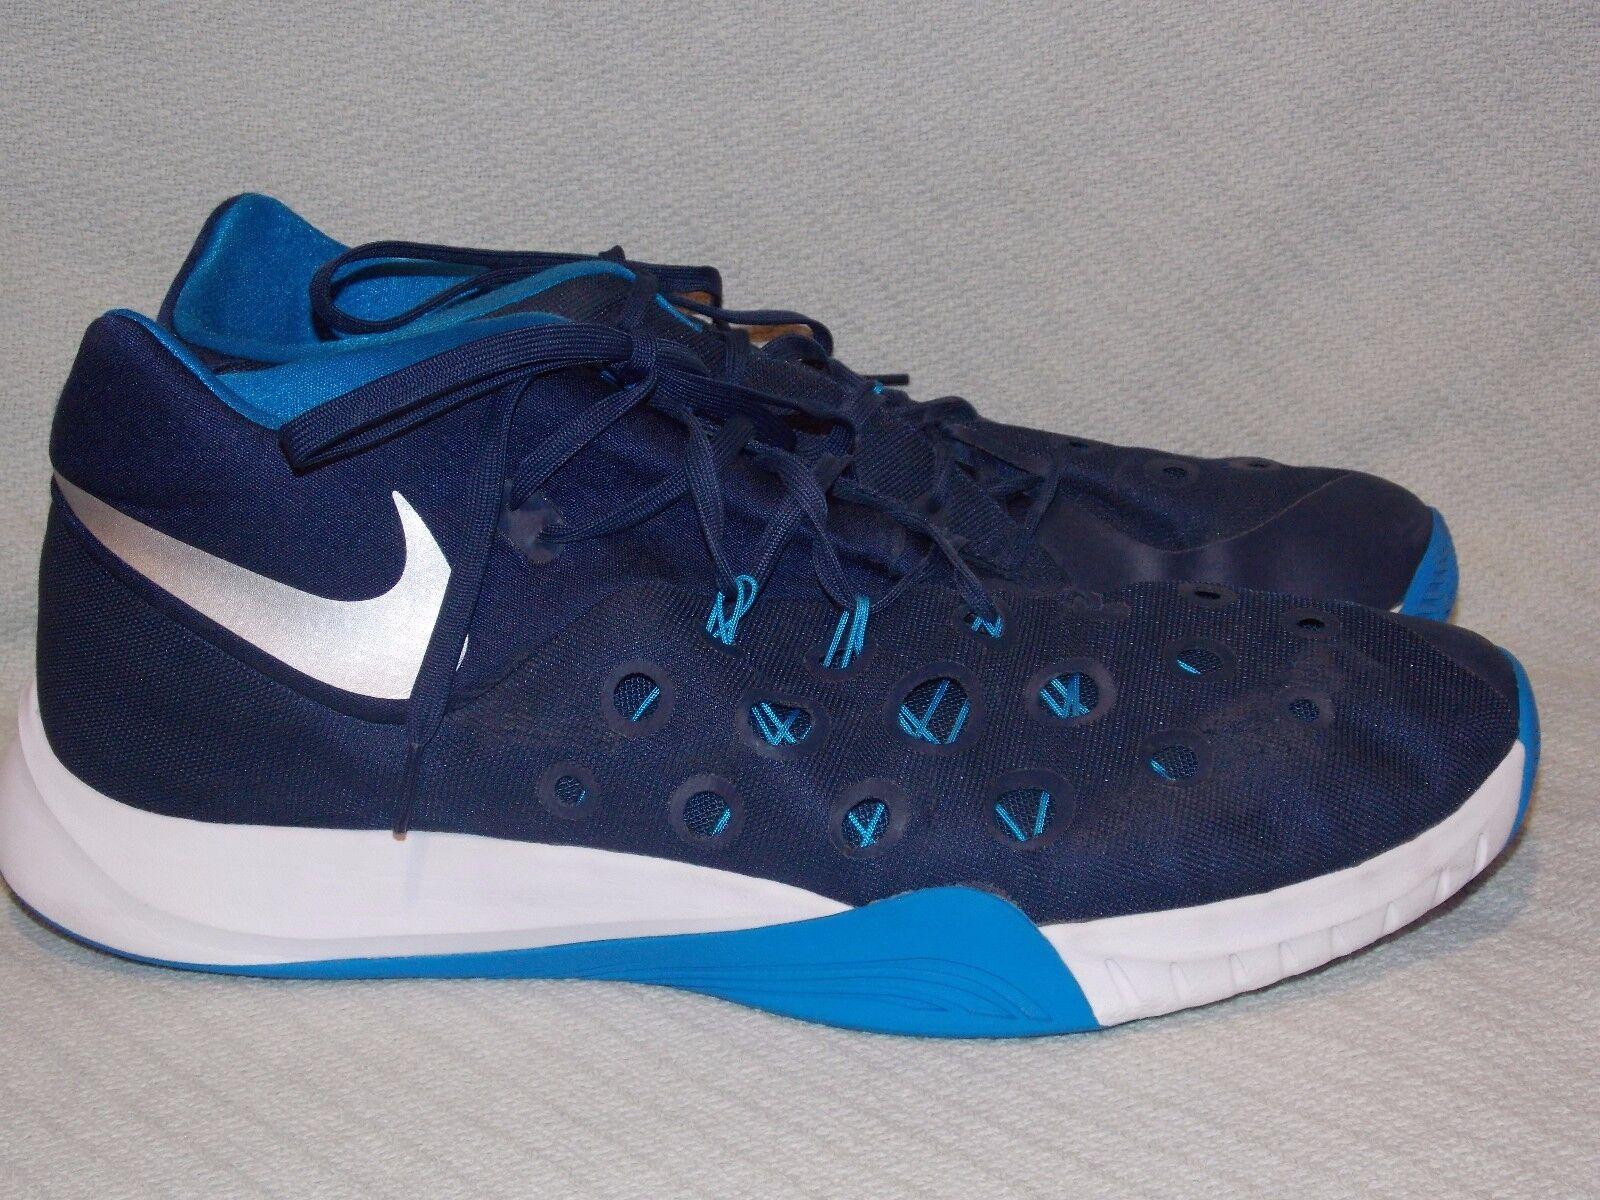 Nike zoom hyperquickness 749883-405 mitte - navy / foto blau - mitte metallic silber - größe. 480442